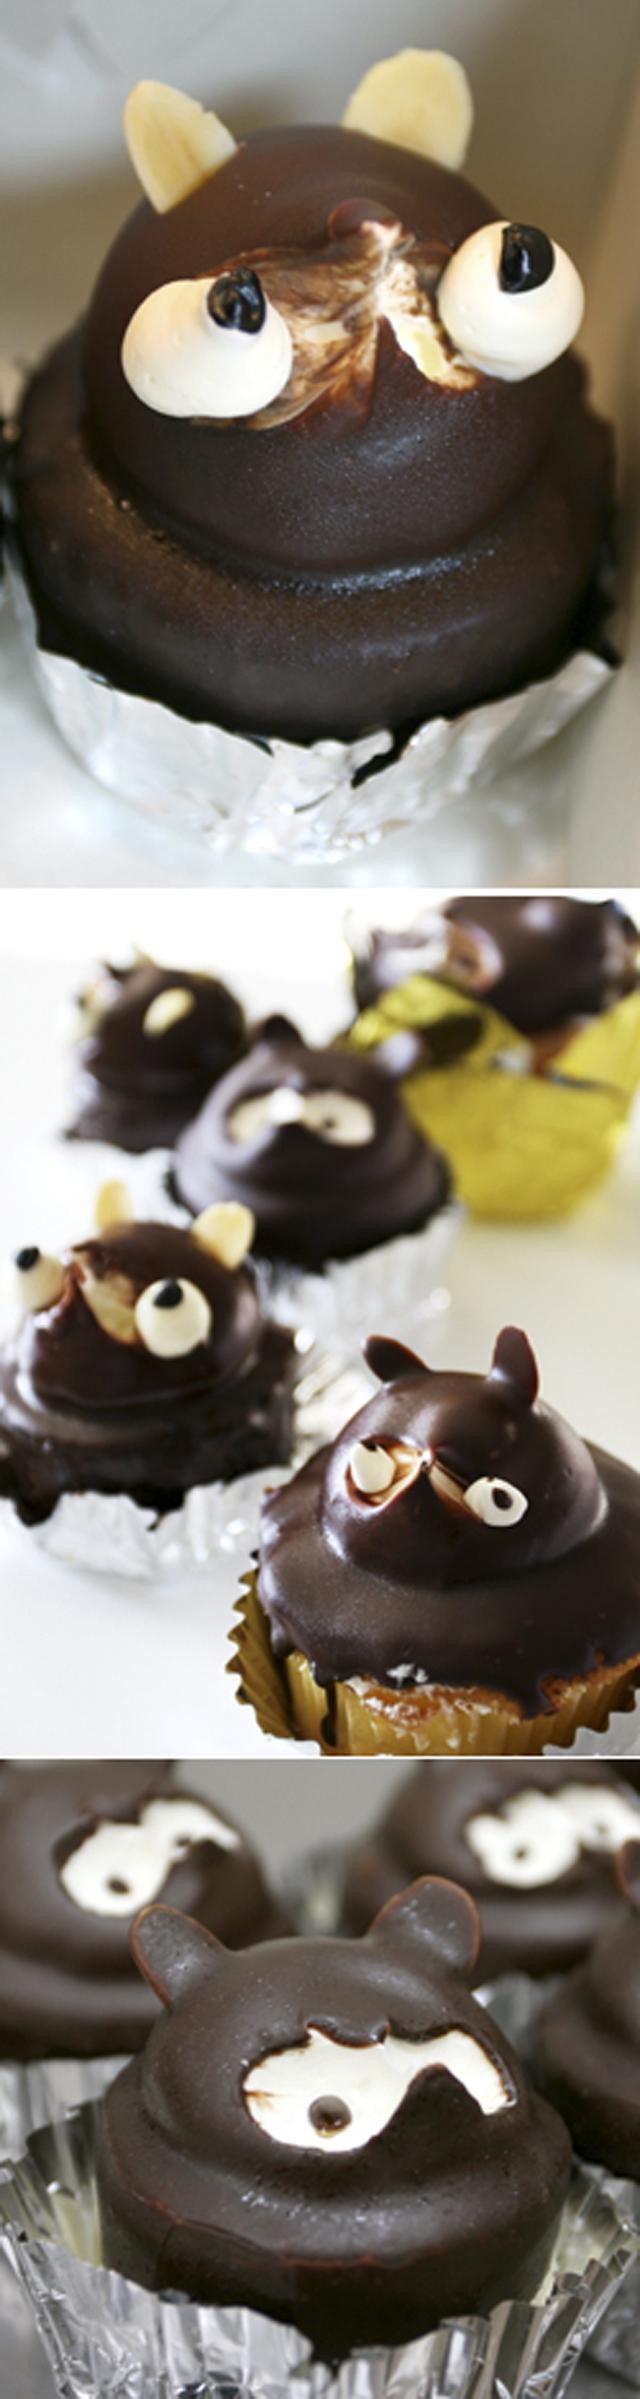 ケーキの絶滅危惧種「たぬきケーキ」